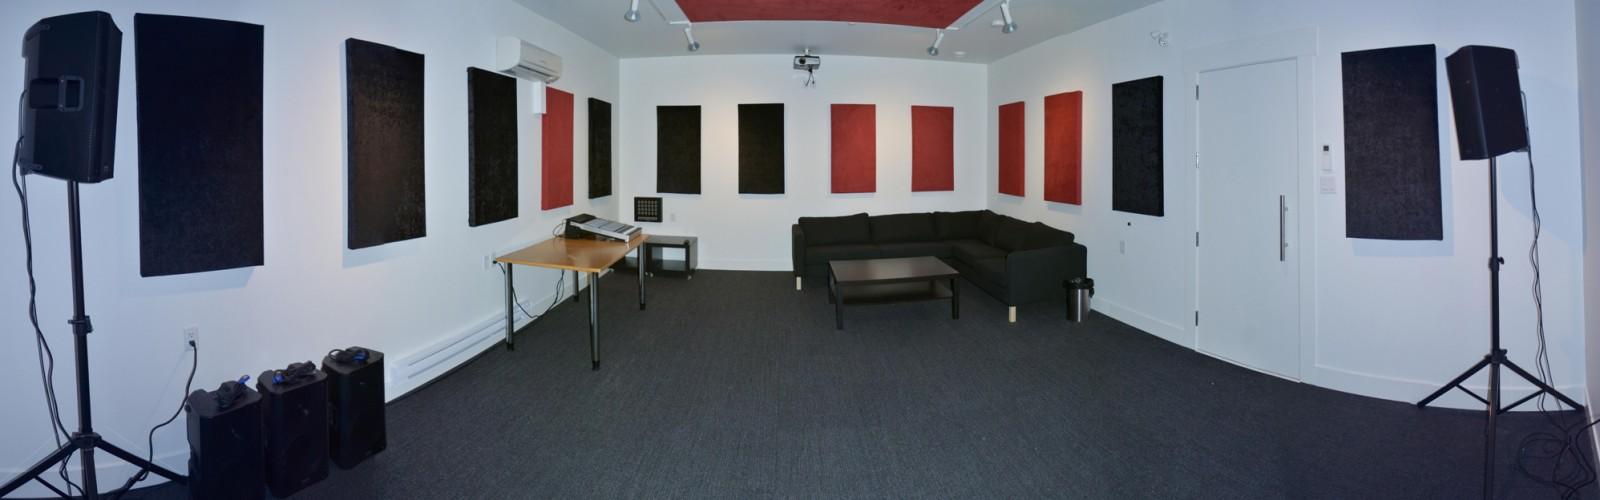 INEO Studio #2